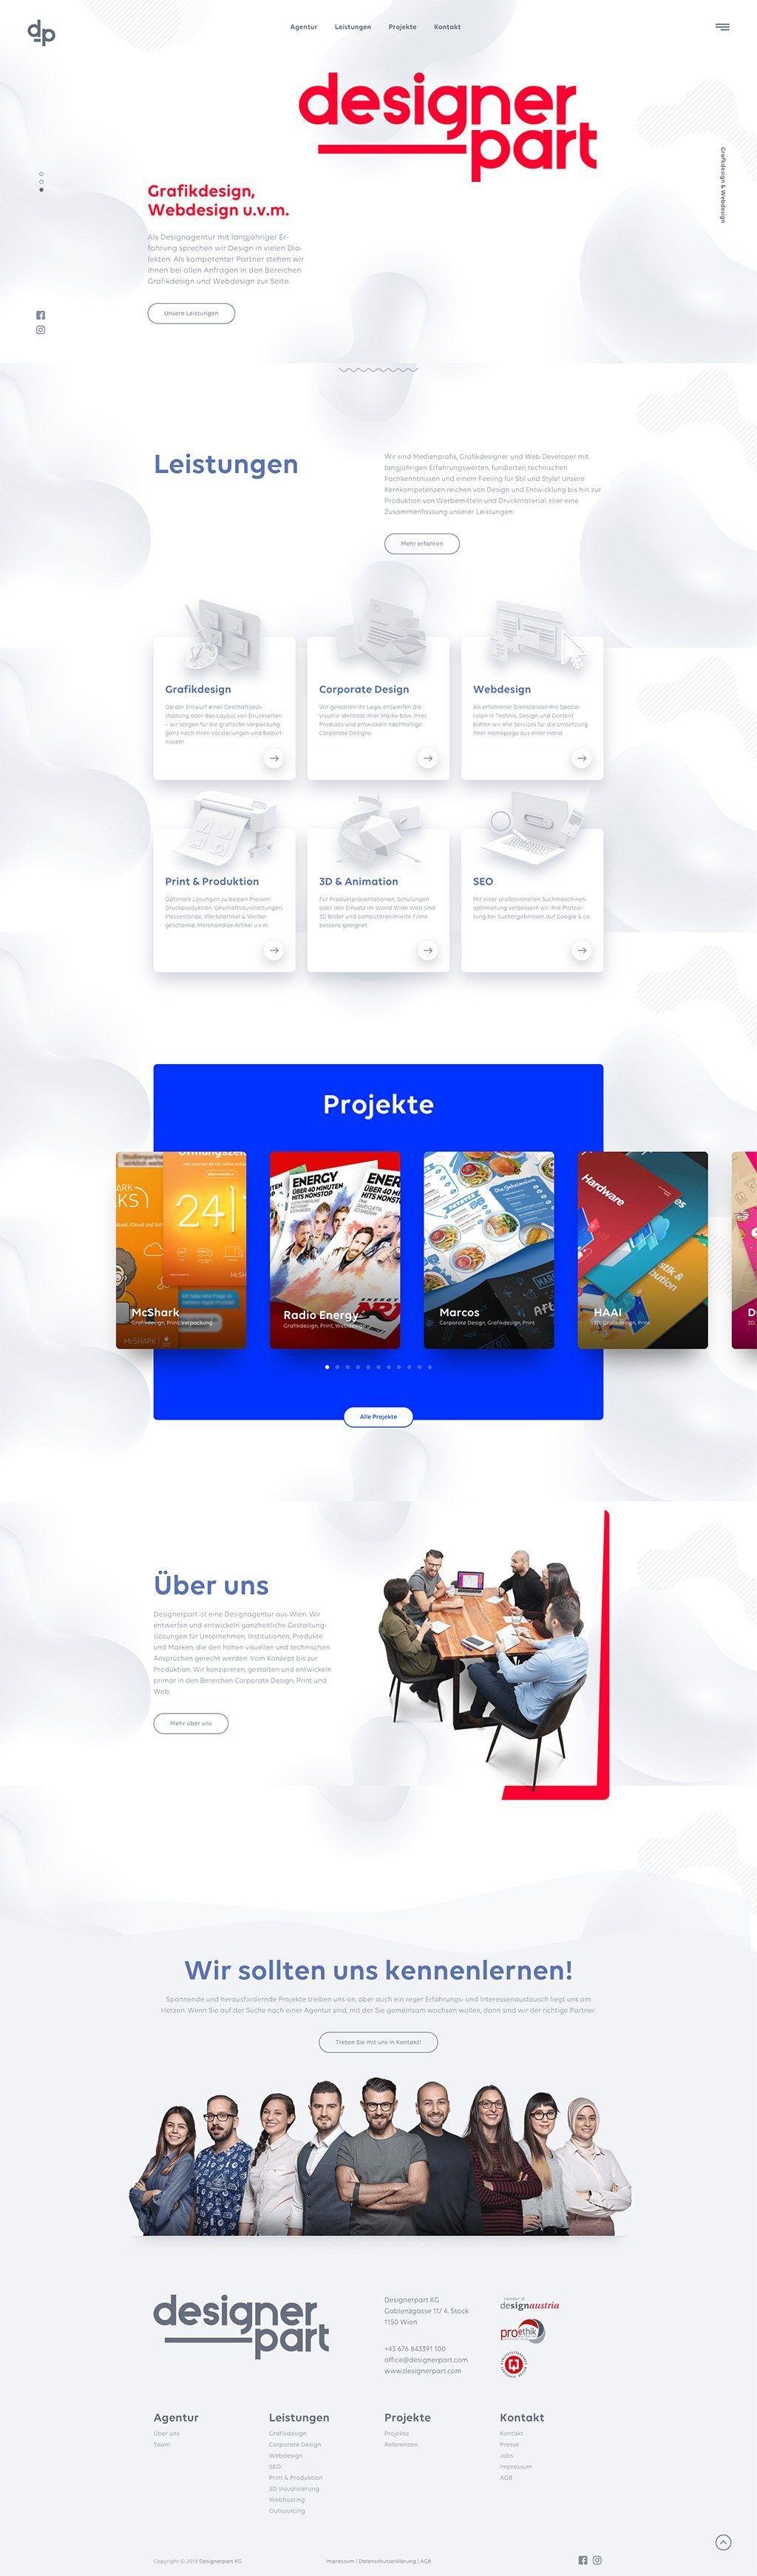 Designerpart Com Landing Page Colletion Free Download Landing Page Website Design Inspiration Web Design